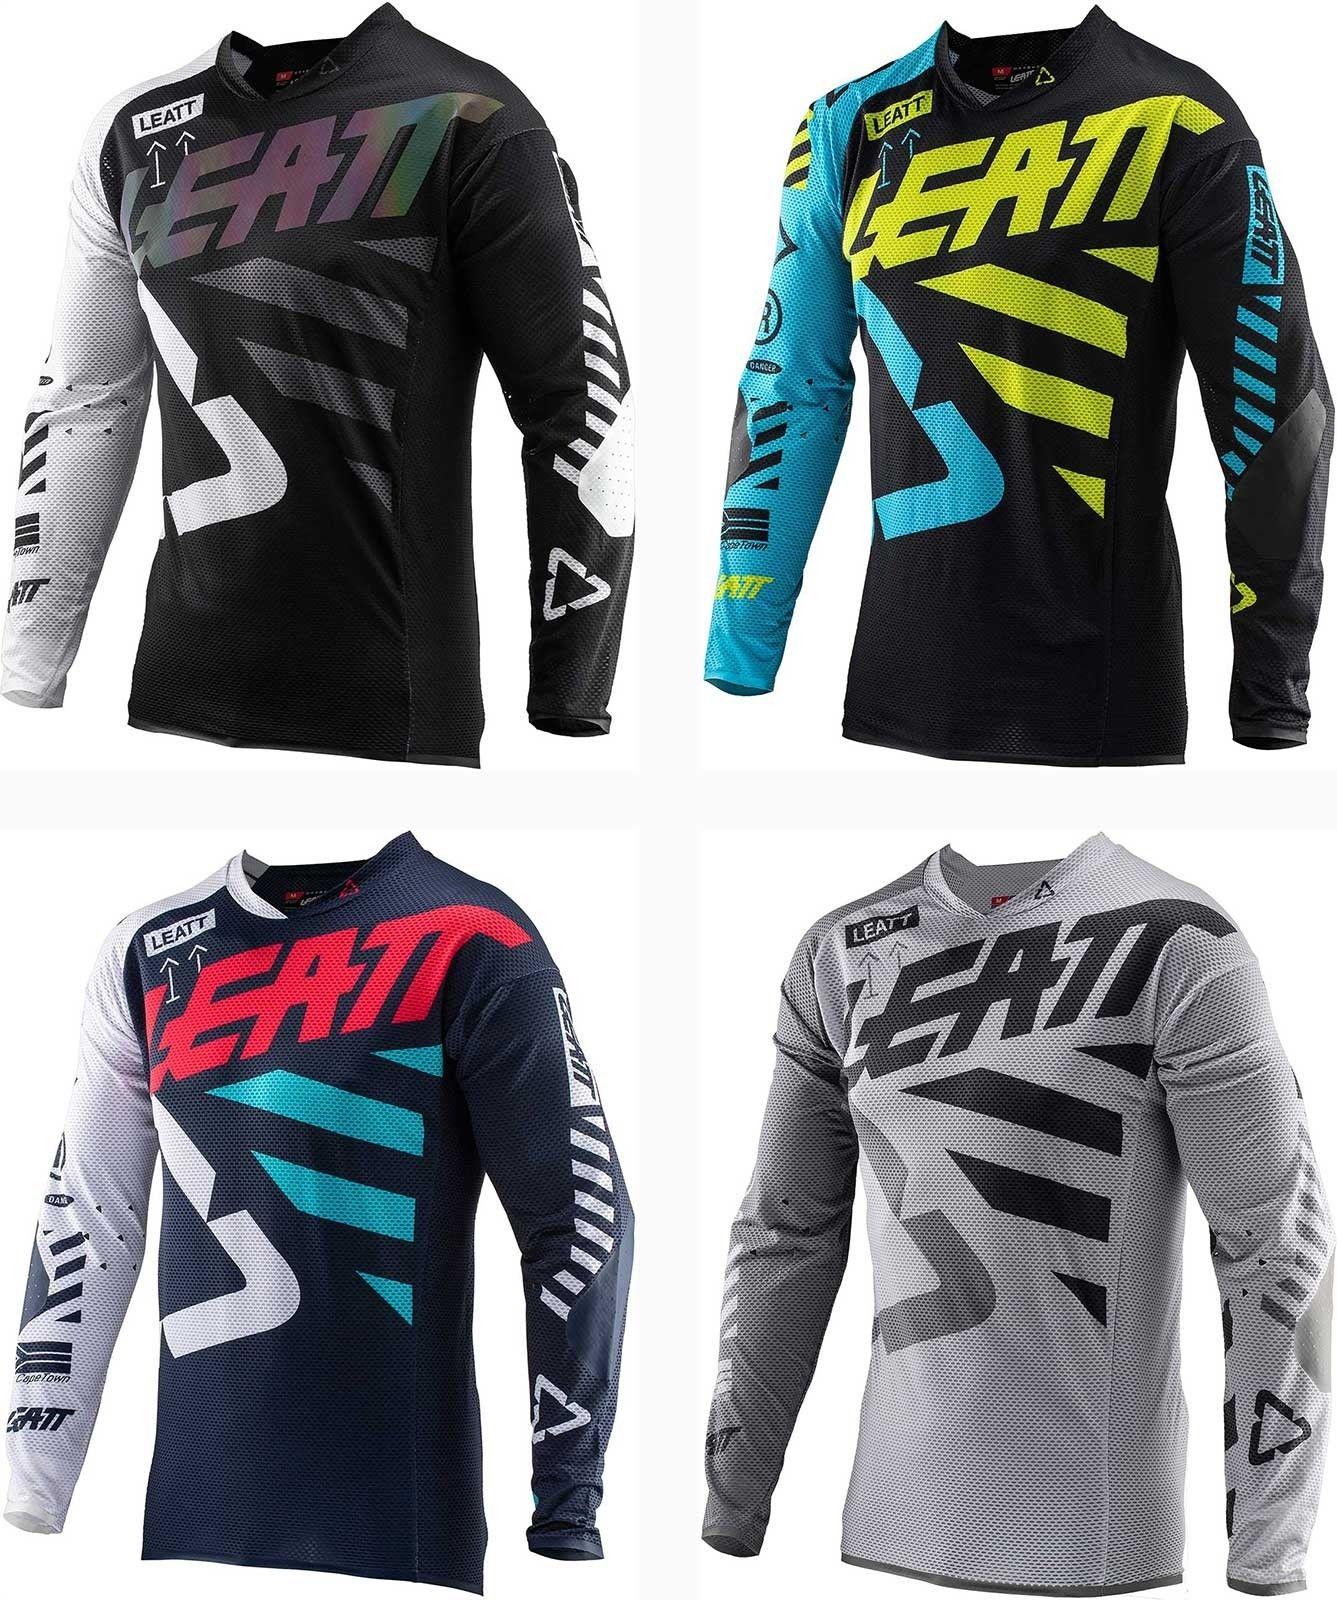 LEATT de MAVIC cuesta abajo Jersey Bicicleta de Montaña de la motocicleta Ciclismo Jersey Crossmax camisa de Ciclismo ropa para hombres T camisa